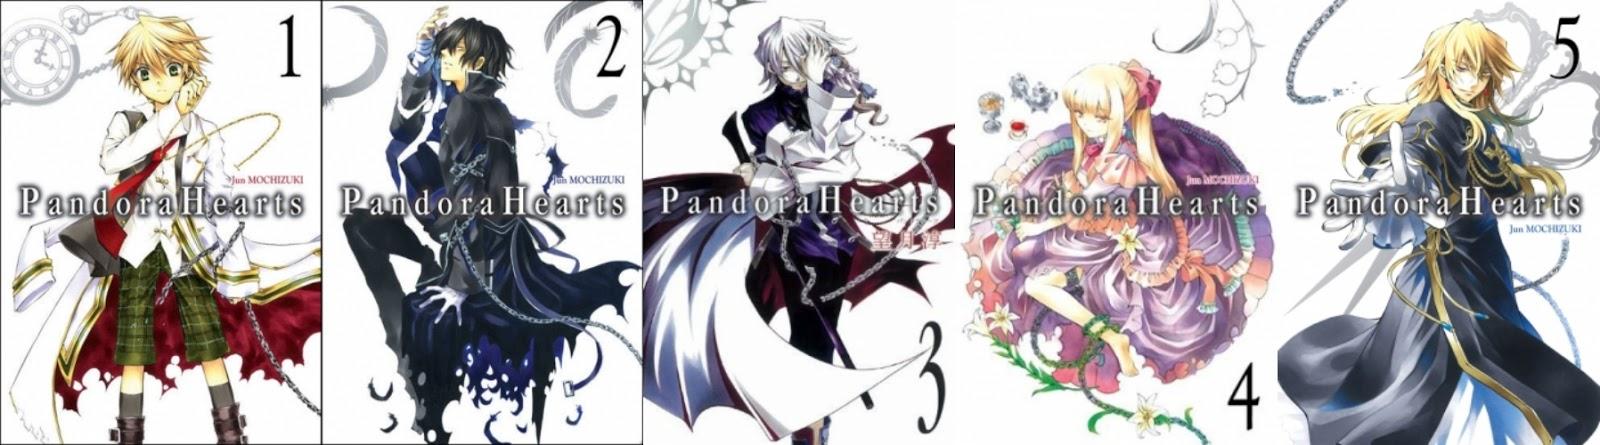 pandora hearts tome 5